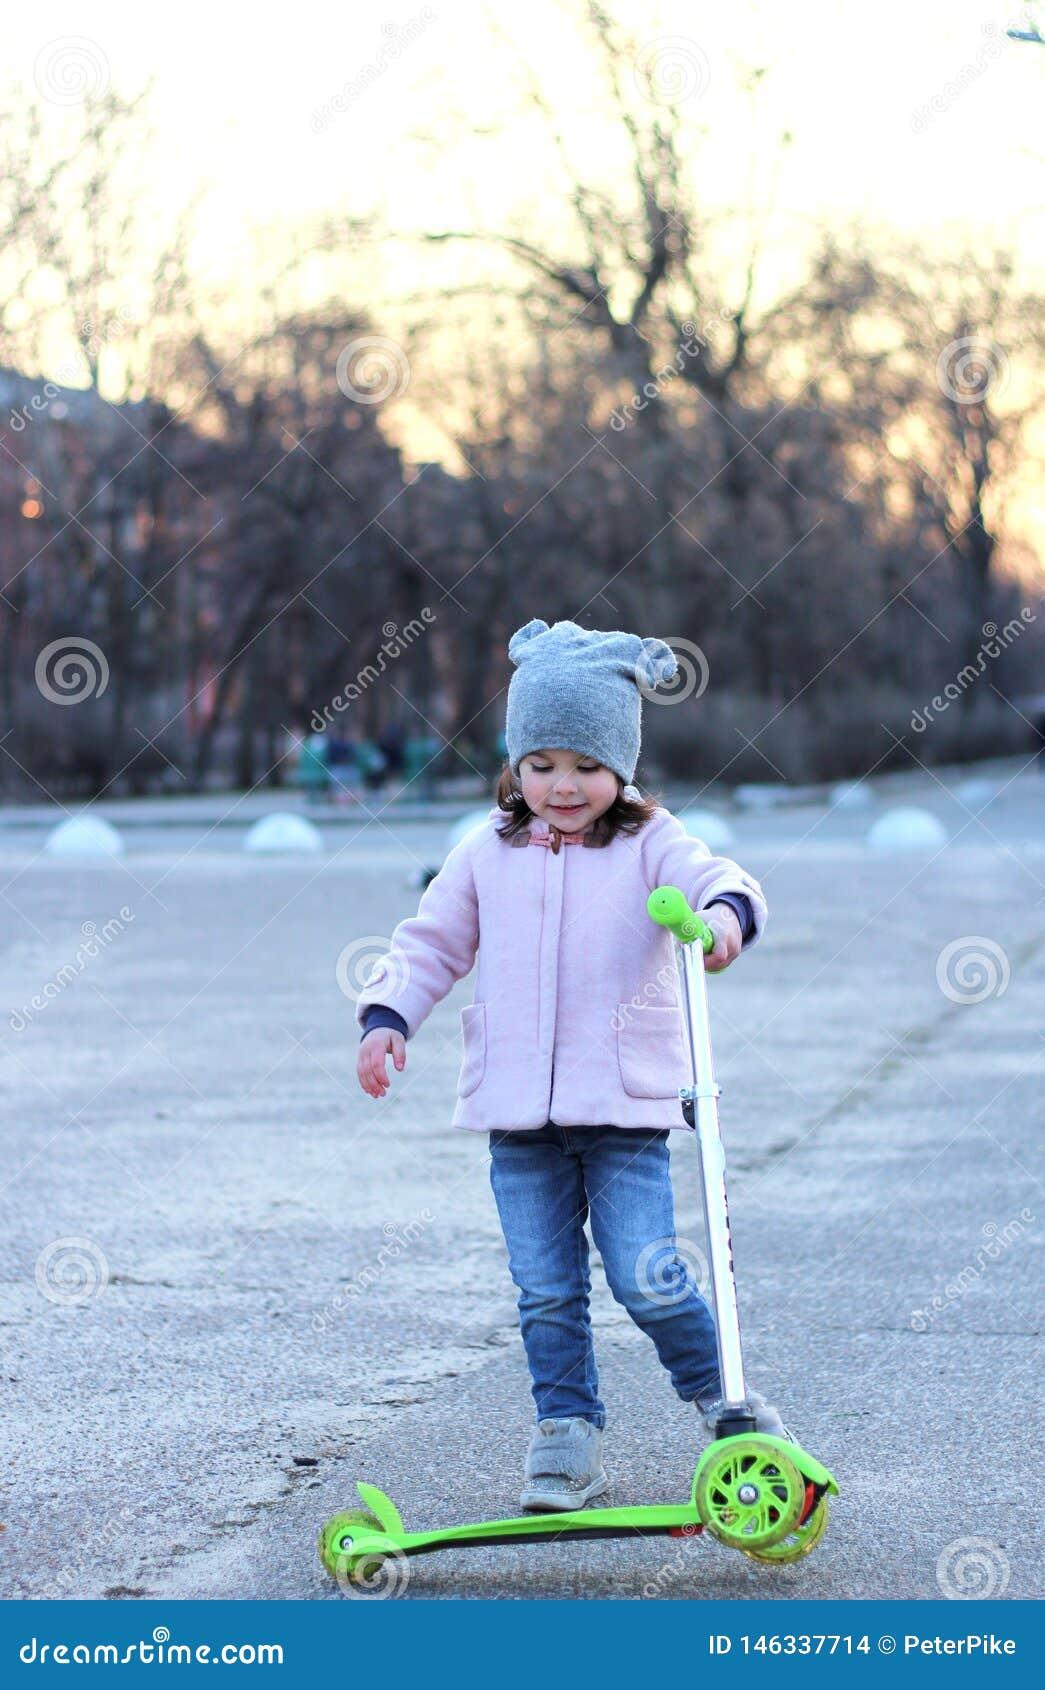 乘坐一辆单轮滑行车的帽子、外套和牛仔裤的逗人喜爱的女孩 春天城市日落